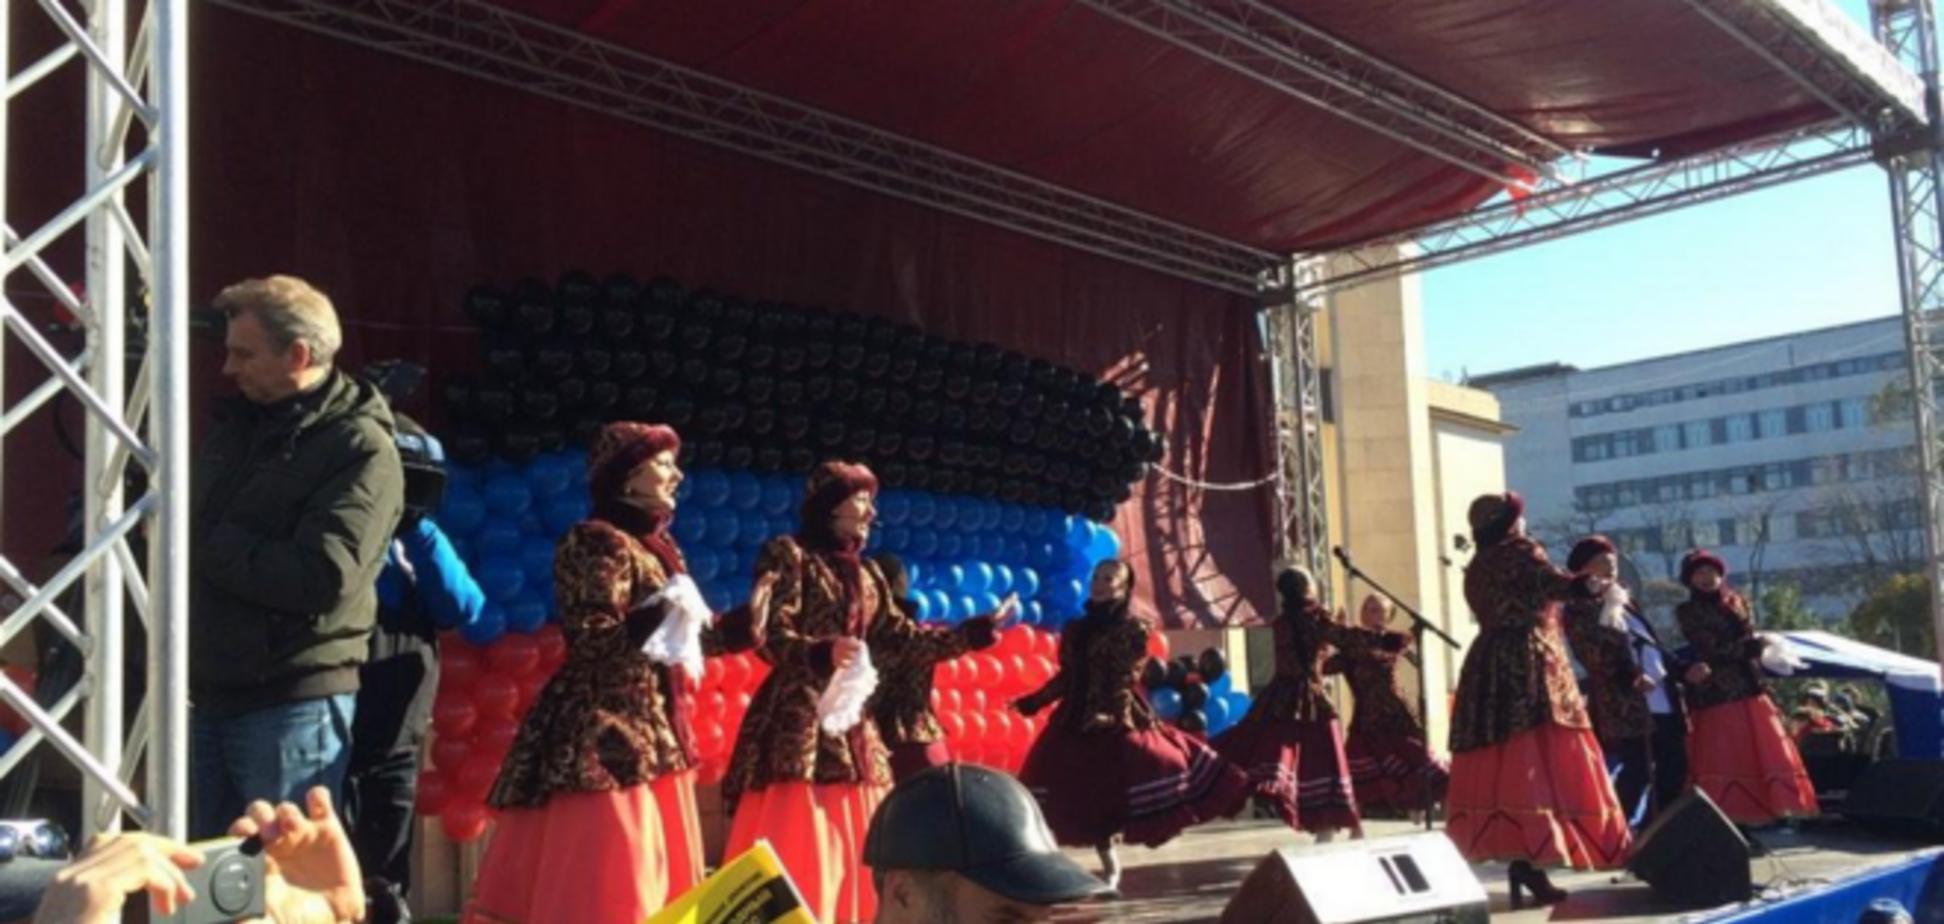 В Донецке террористы устроили концерт и согнали туда людей